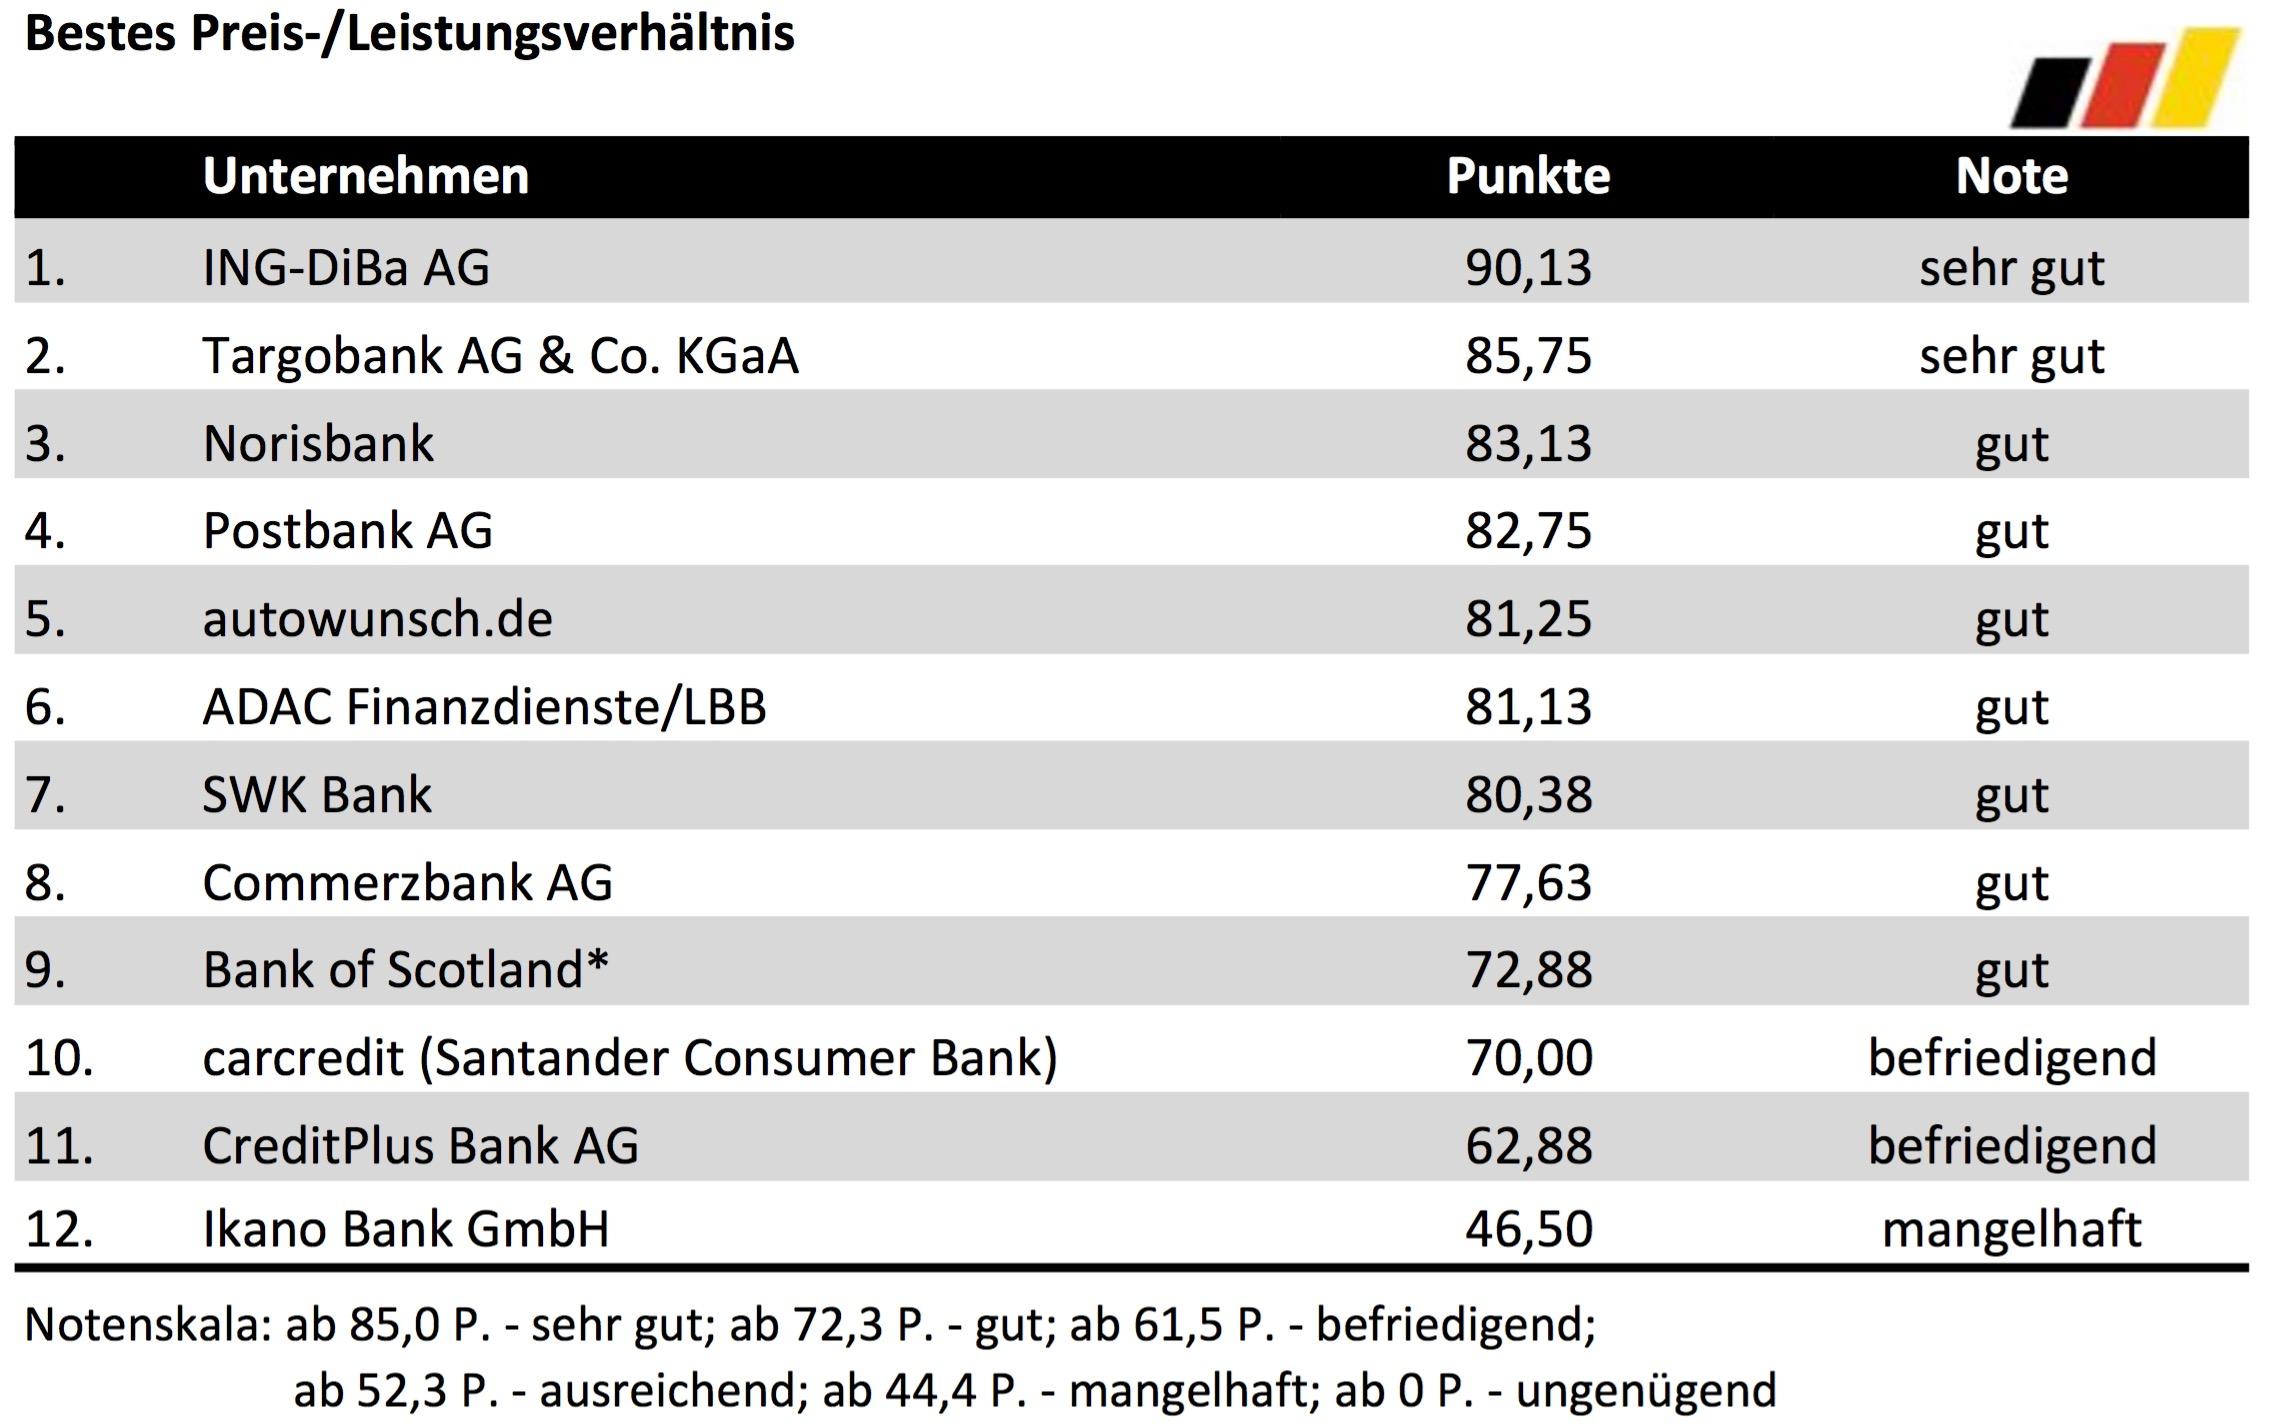 Bester Autofinanzierer 2016 - Preis-Leistungsverhältnis - Deutsches Kundeninstitut (DKI)